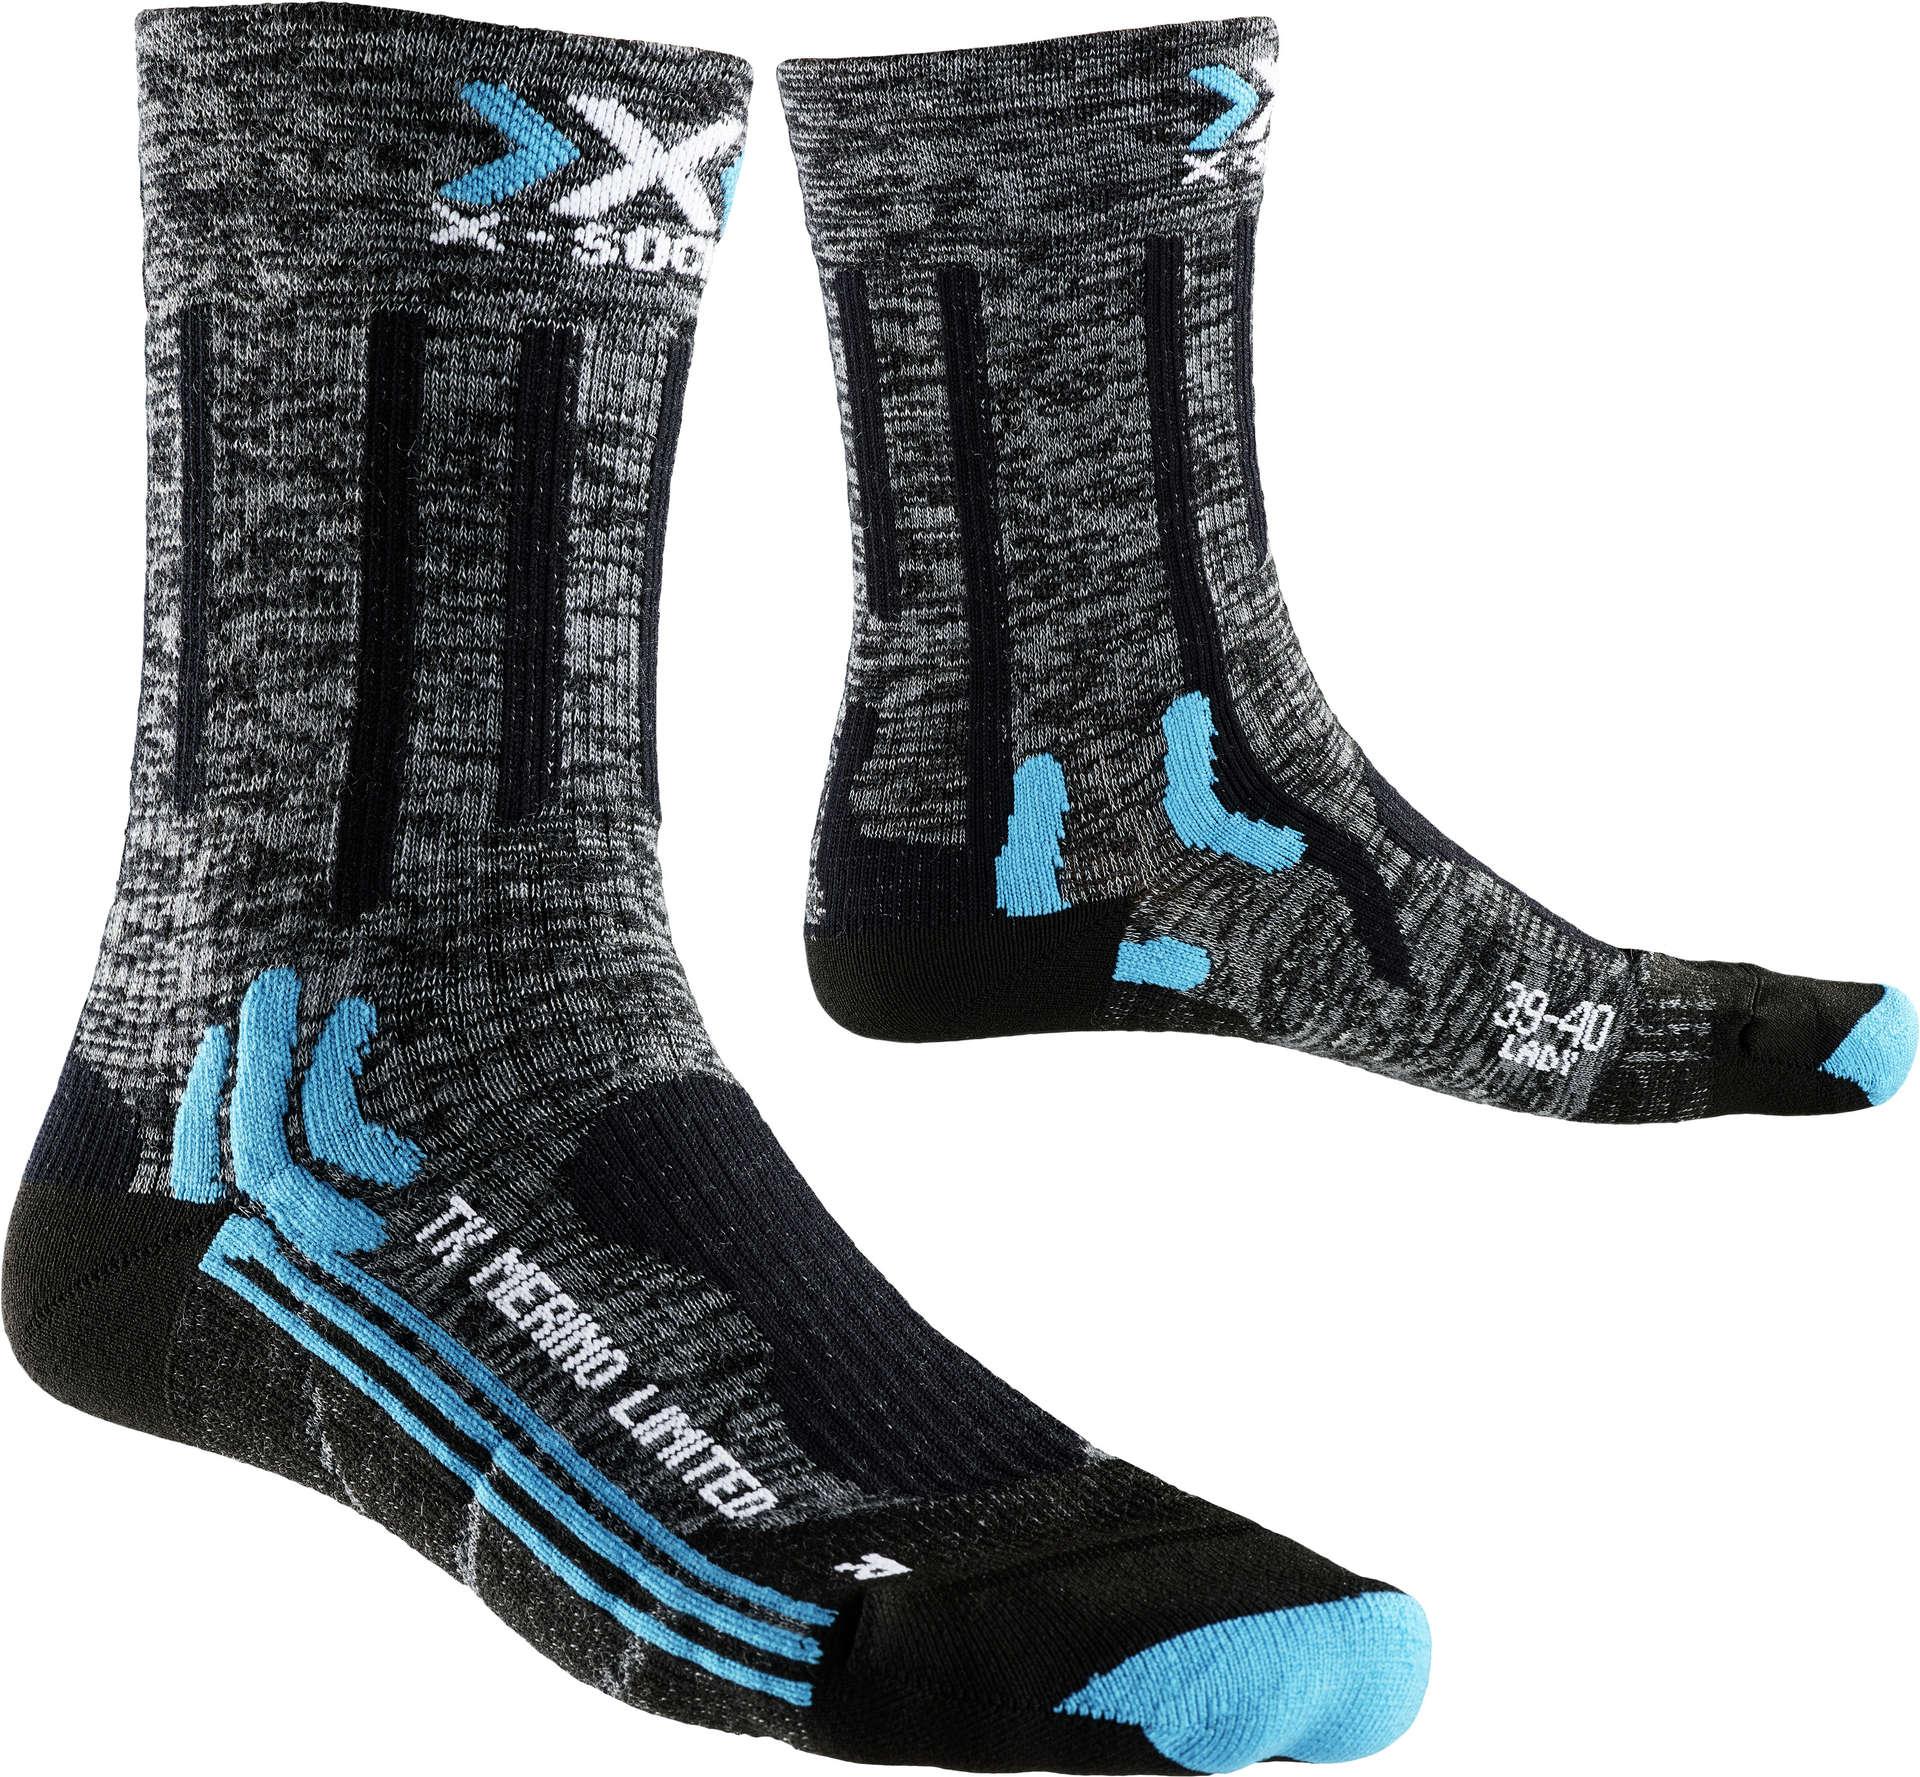 nieuwe authentiek lage prijs verkoop op voeten bij Trekking Merino Limited Wandelsokken Grijs/Zwart Dames